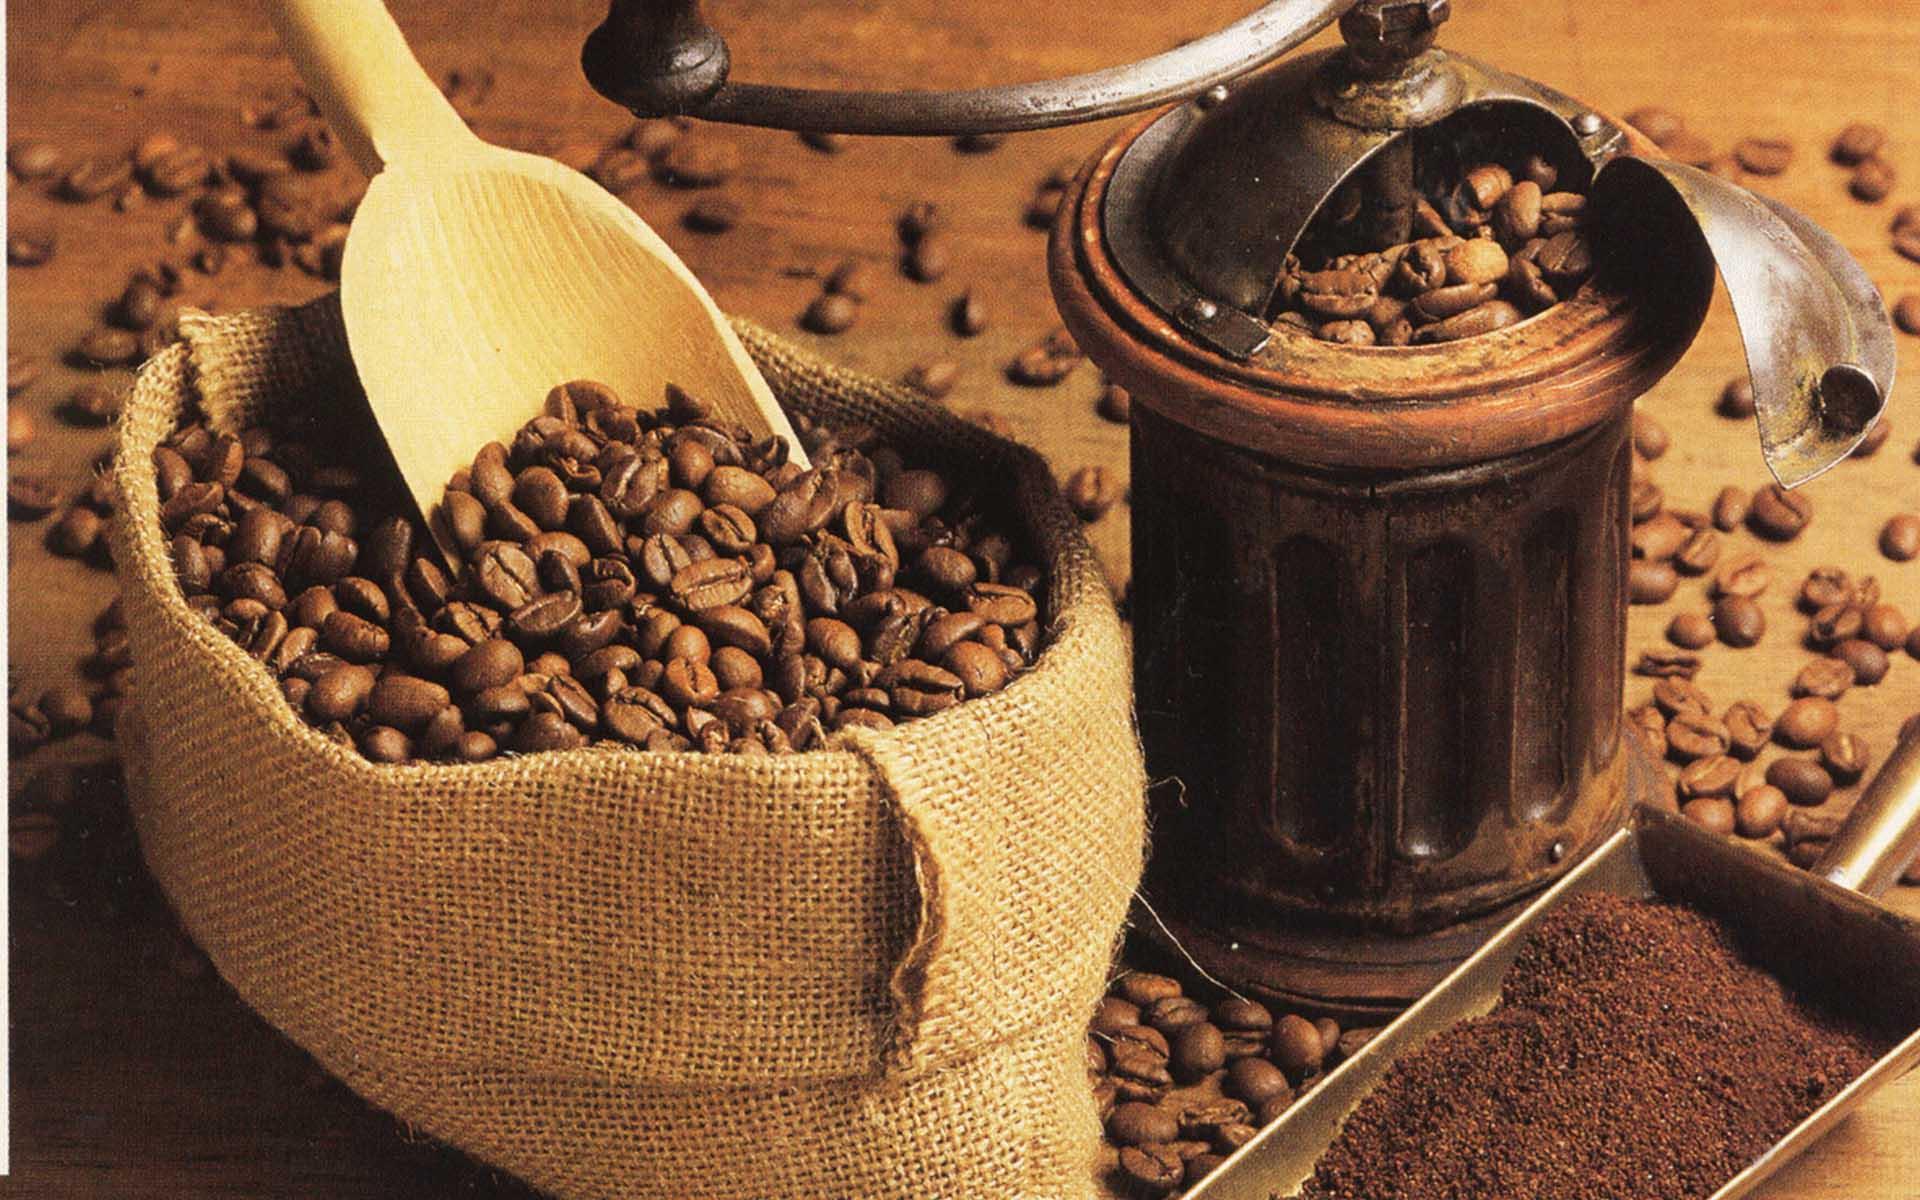 Гайана, кофе в Америке, Суринам, де Клие, распространение кофе, кофе в Новом свете, история кофе, происхождение кофе, кофе, кофейня, кофейный дом, Coffee, coffeetrees, история кофе, рождение традиций, кофейные зерна, ароматный напиток, бодрящий, тонизирующий, Ближний Восток, Турция, Европа, Голландия, Англия, Франция